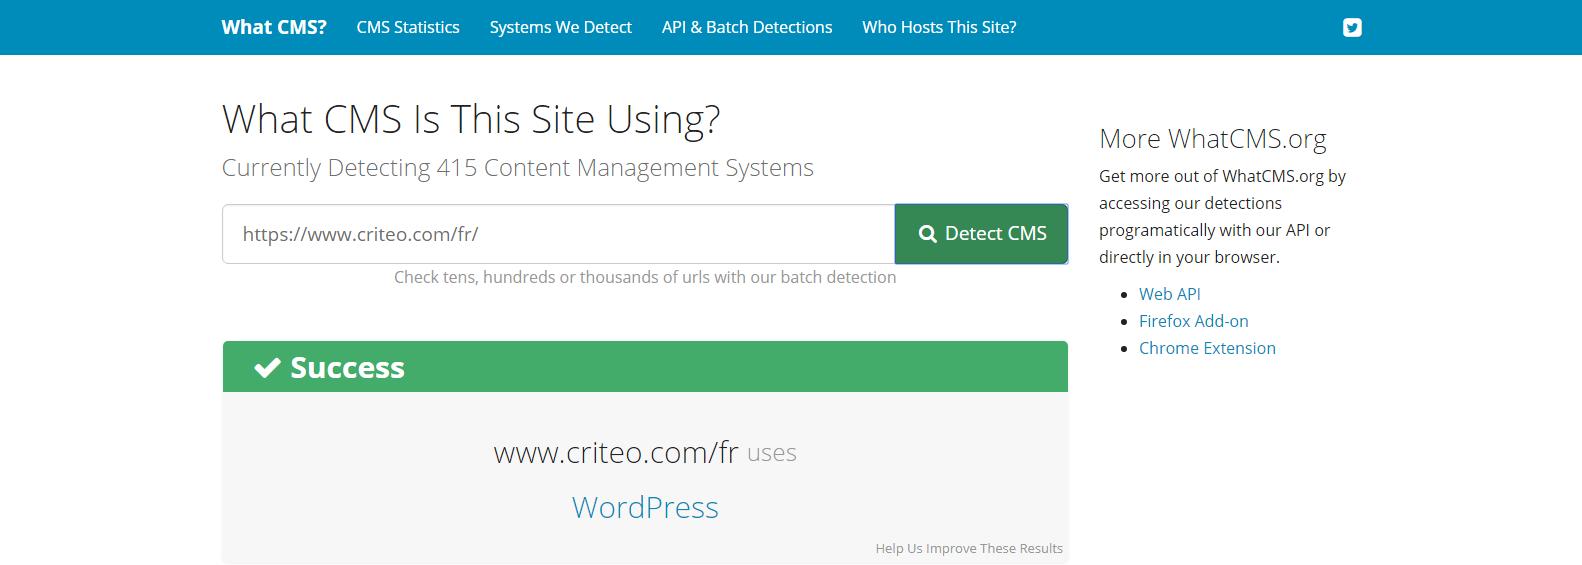 Criteo - Résultat WhatCMS